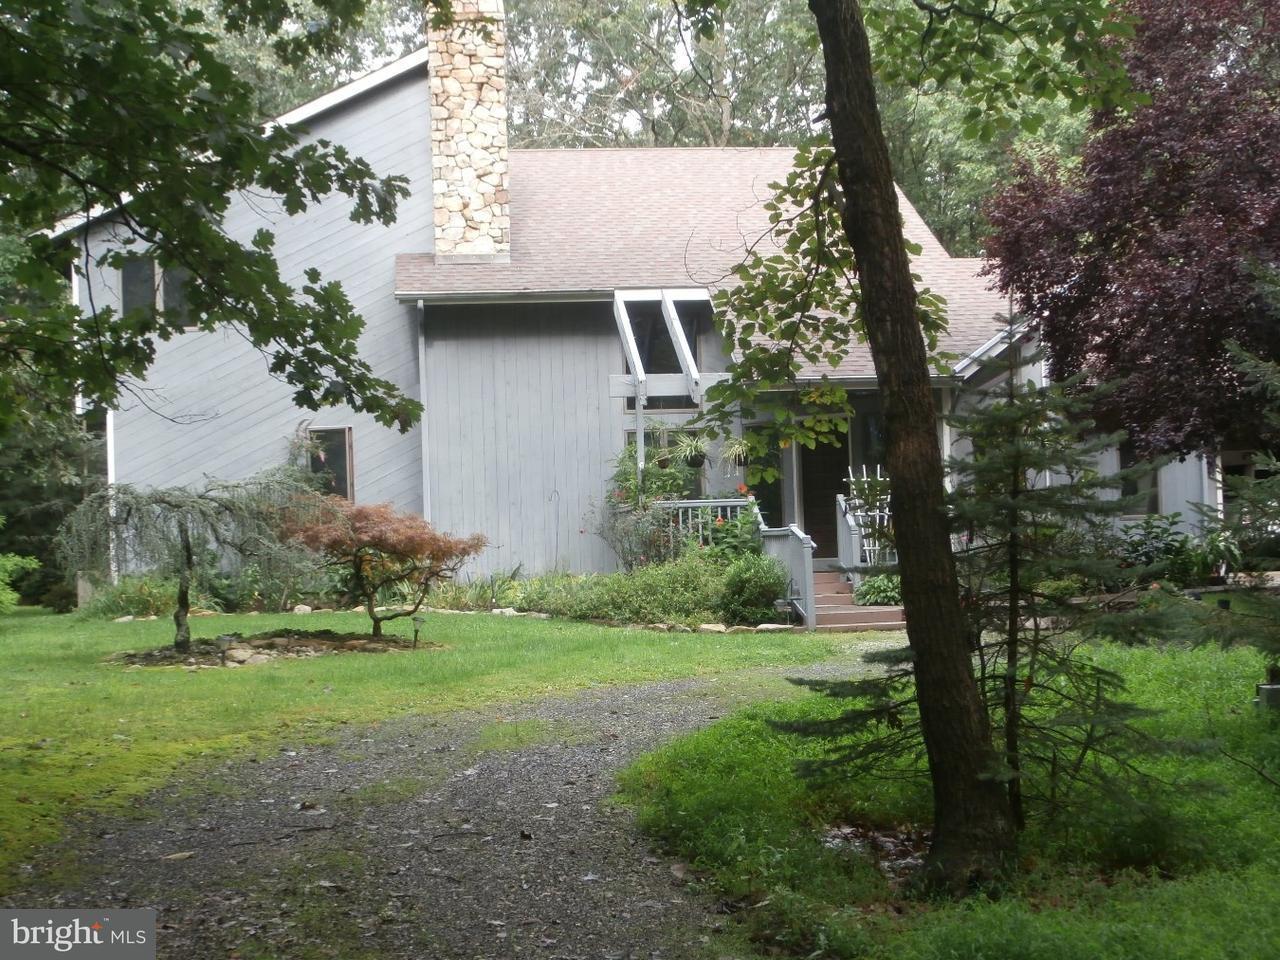 Частный односемейный дом для того Продажа на 99 FORKED NECK Road Tabernacle, Нью-Джерси 08088 Соединенные Штаты